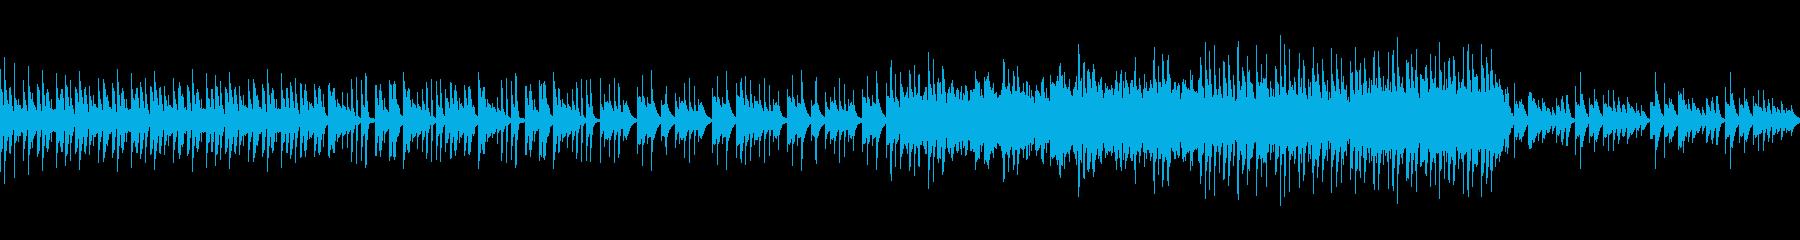 木琴を使った推理・不穏・疑心・不思議の曲の再生済みの波形